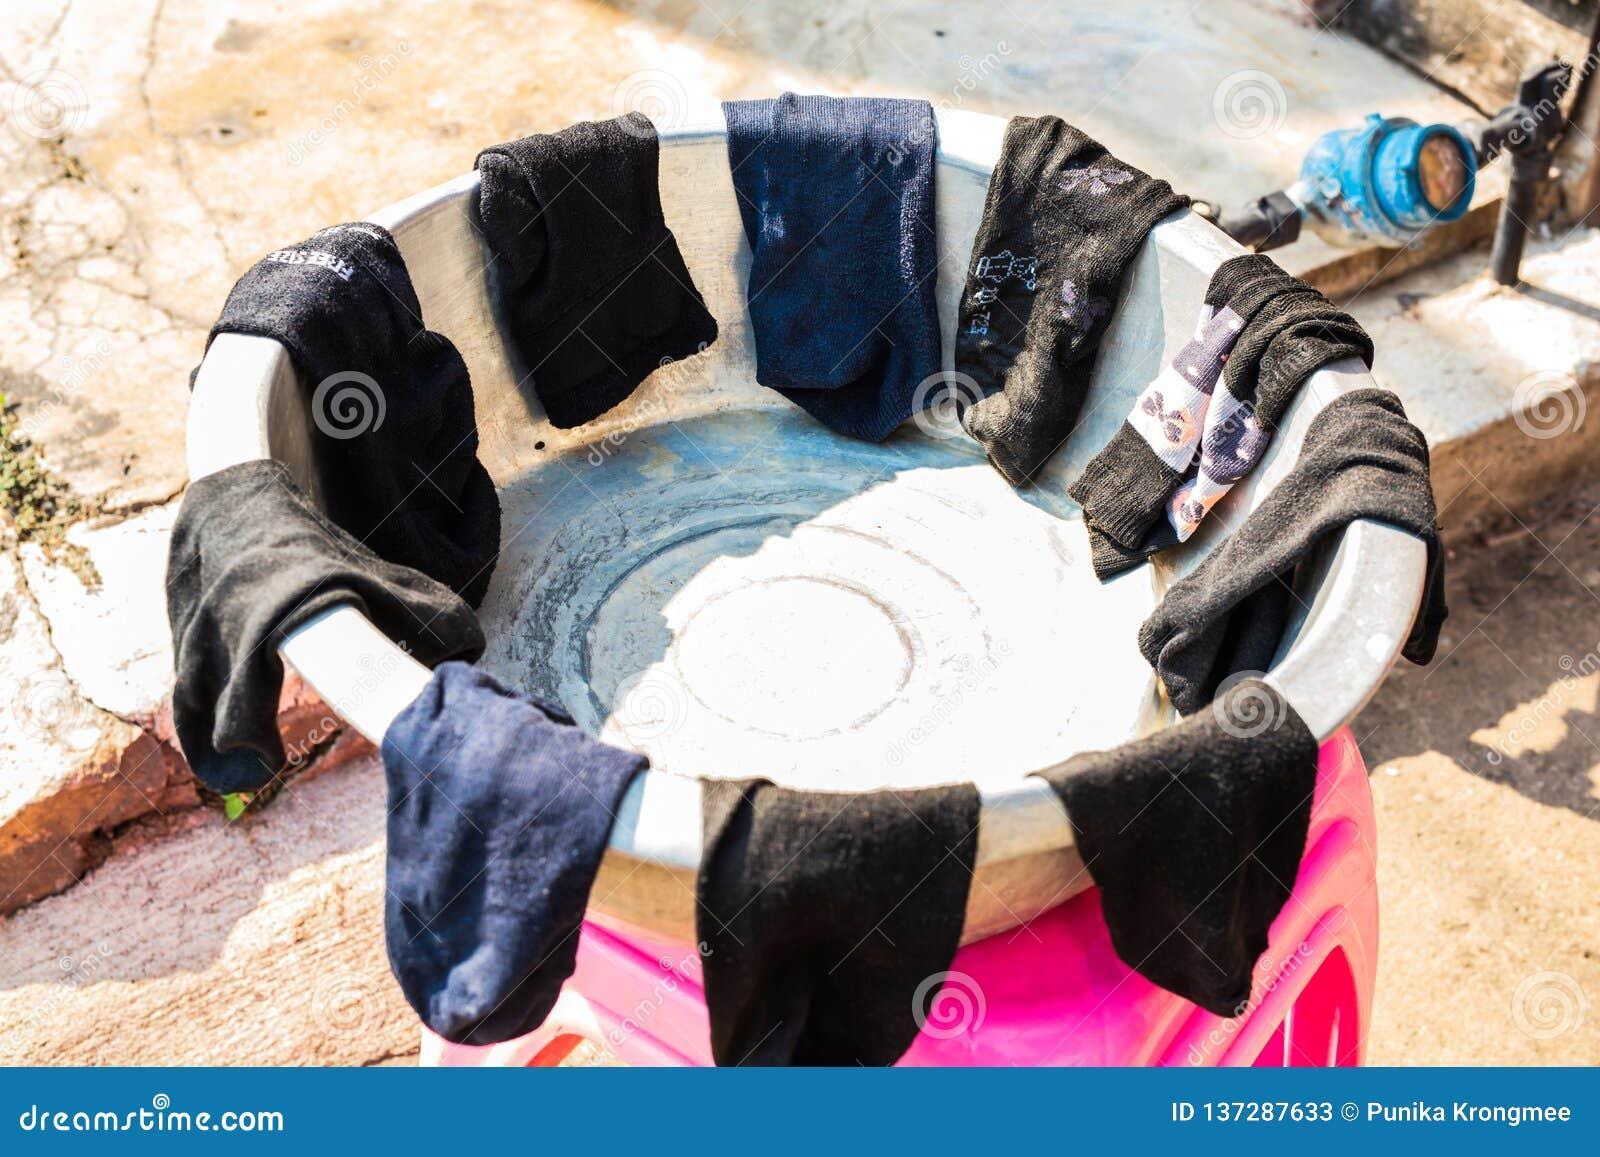 LAMPANG, ΤΑΪΛΑΝΔΗ - στις 11 Ιανουαρίου 2019: Κάλτσες πλυντηρίων υπαίθριες στις παλαιές δεξαμενές ανοξείδωτου των χωρικών, που τοπ